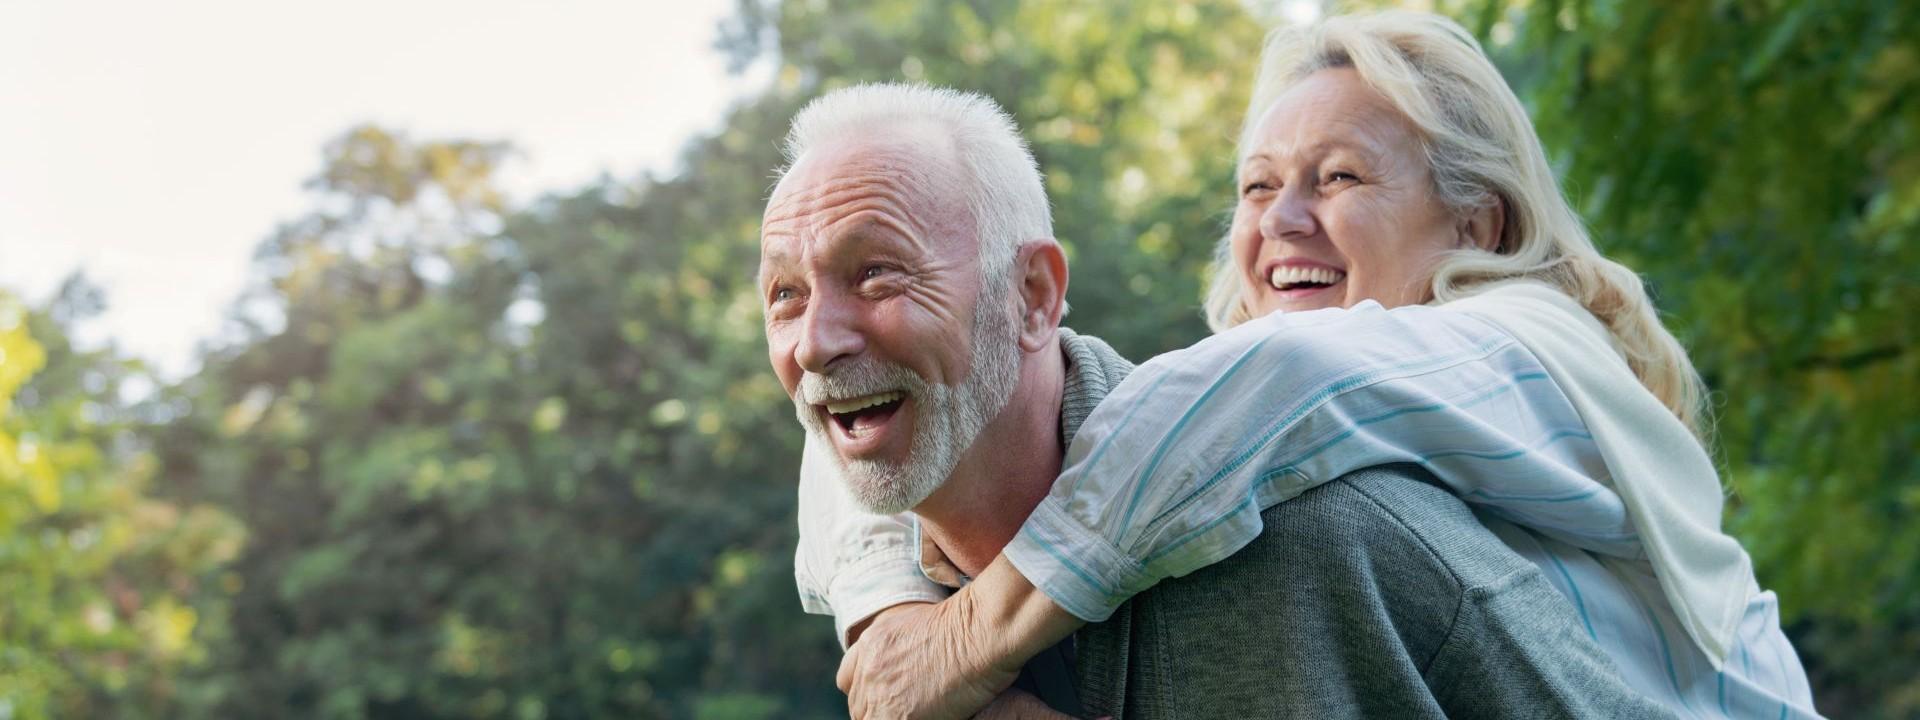 Ein Seniorenpaar hat gemeinsam in der Natur Spaß. Der Mann trägt die Frau auf dem Rücken. Beide lachen ausgiebig.